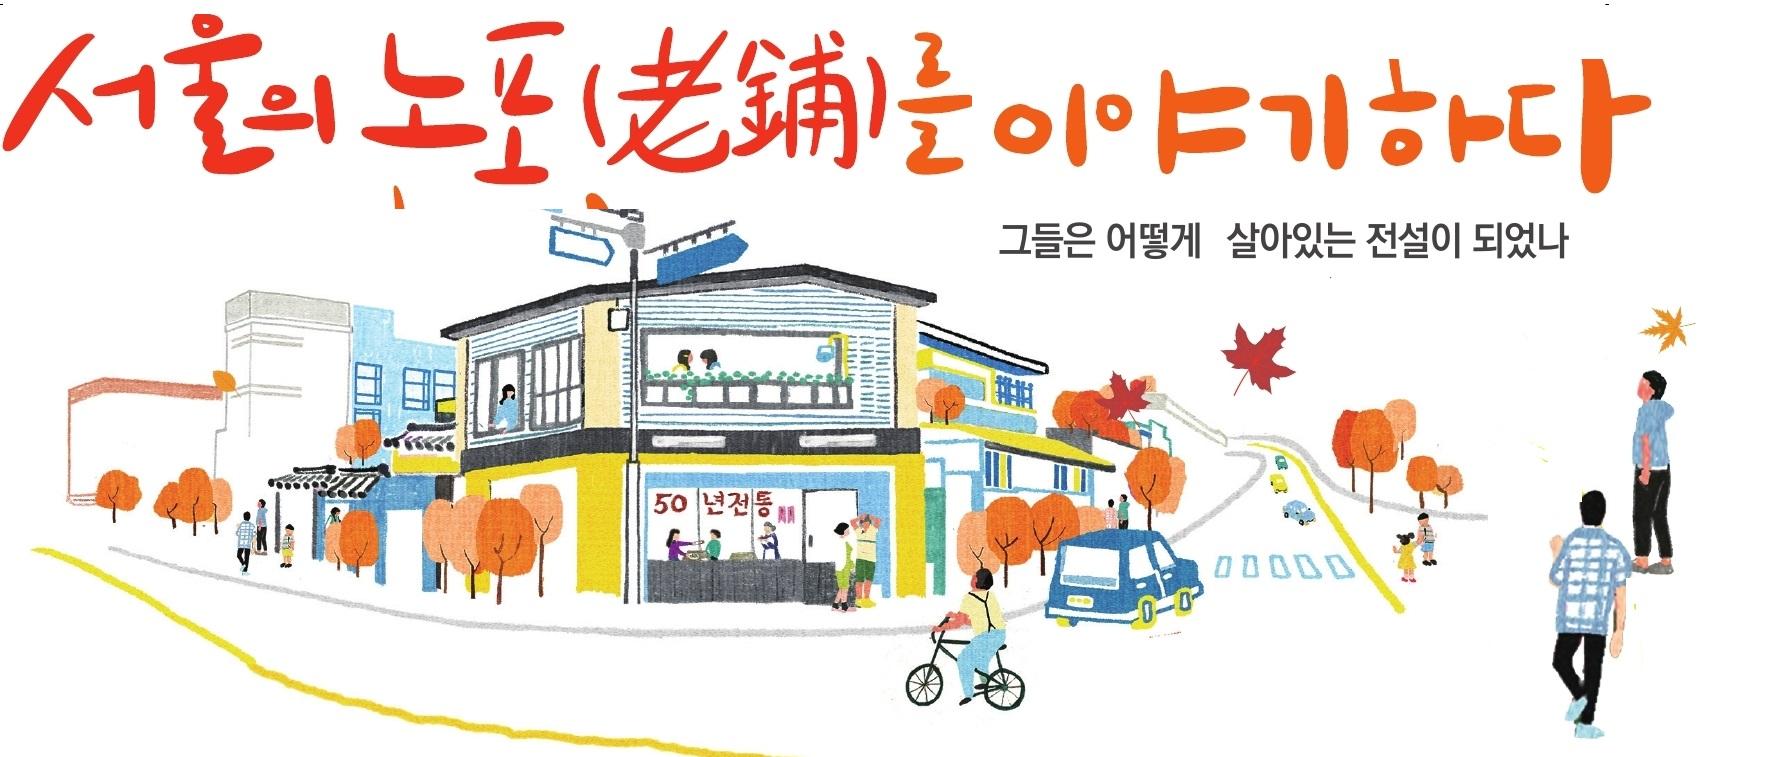 서울의 노포(老鋪)를 이야기하다